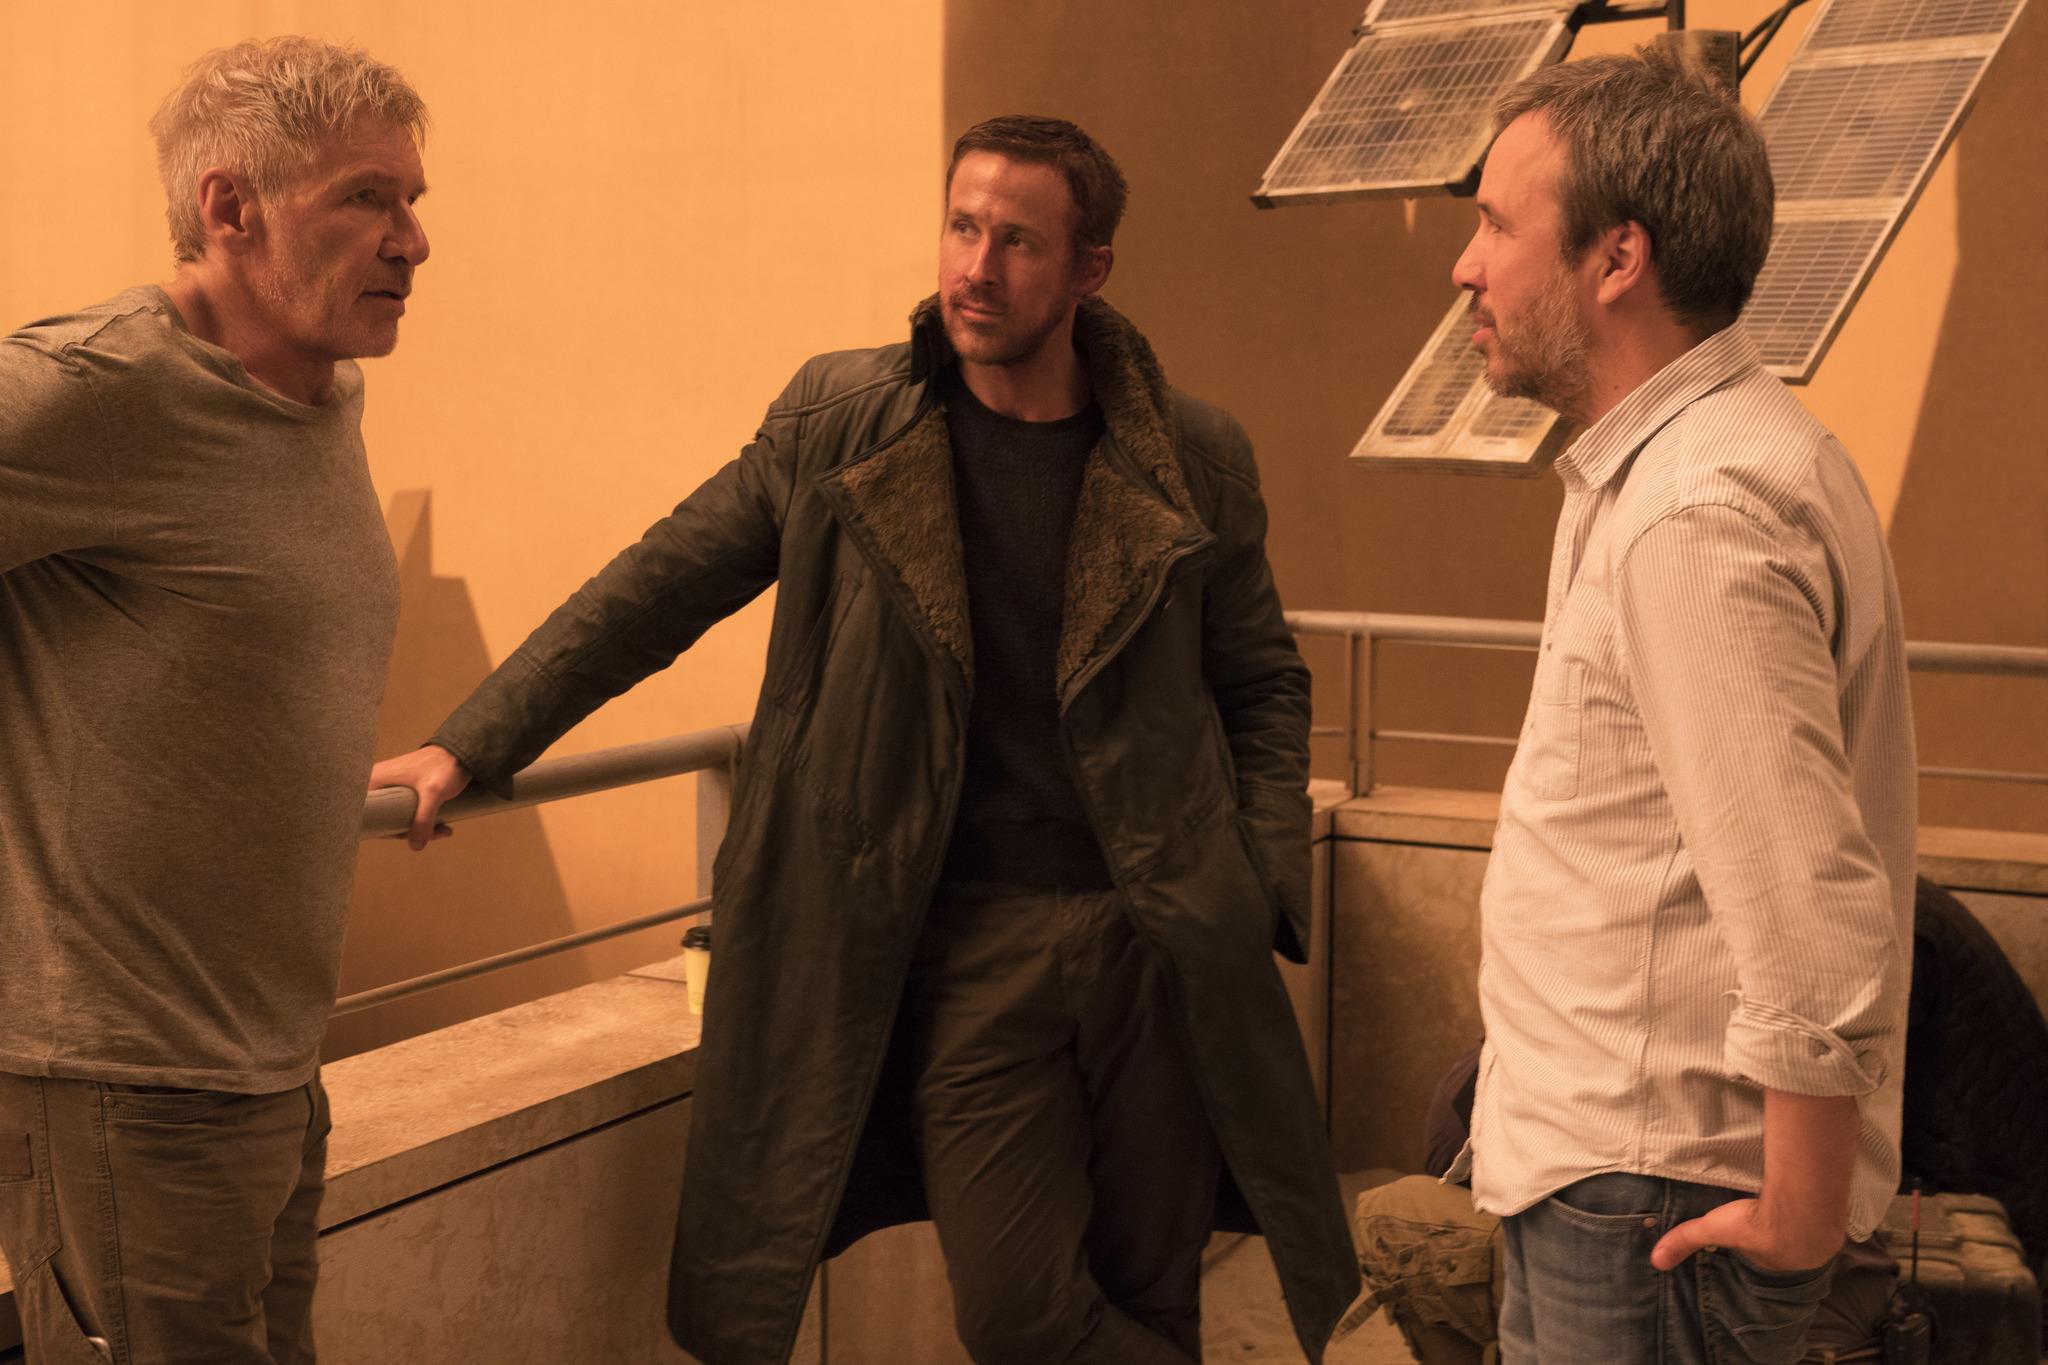 Harrison Ford, Ryan Gosling, and Denis Villeneuve in Blade Runner 2049 (2017)